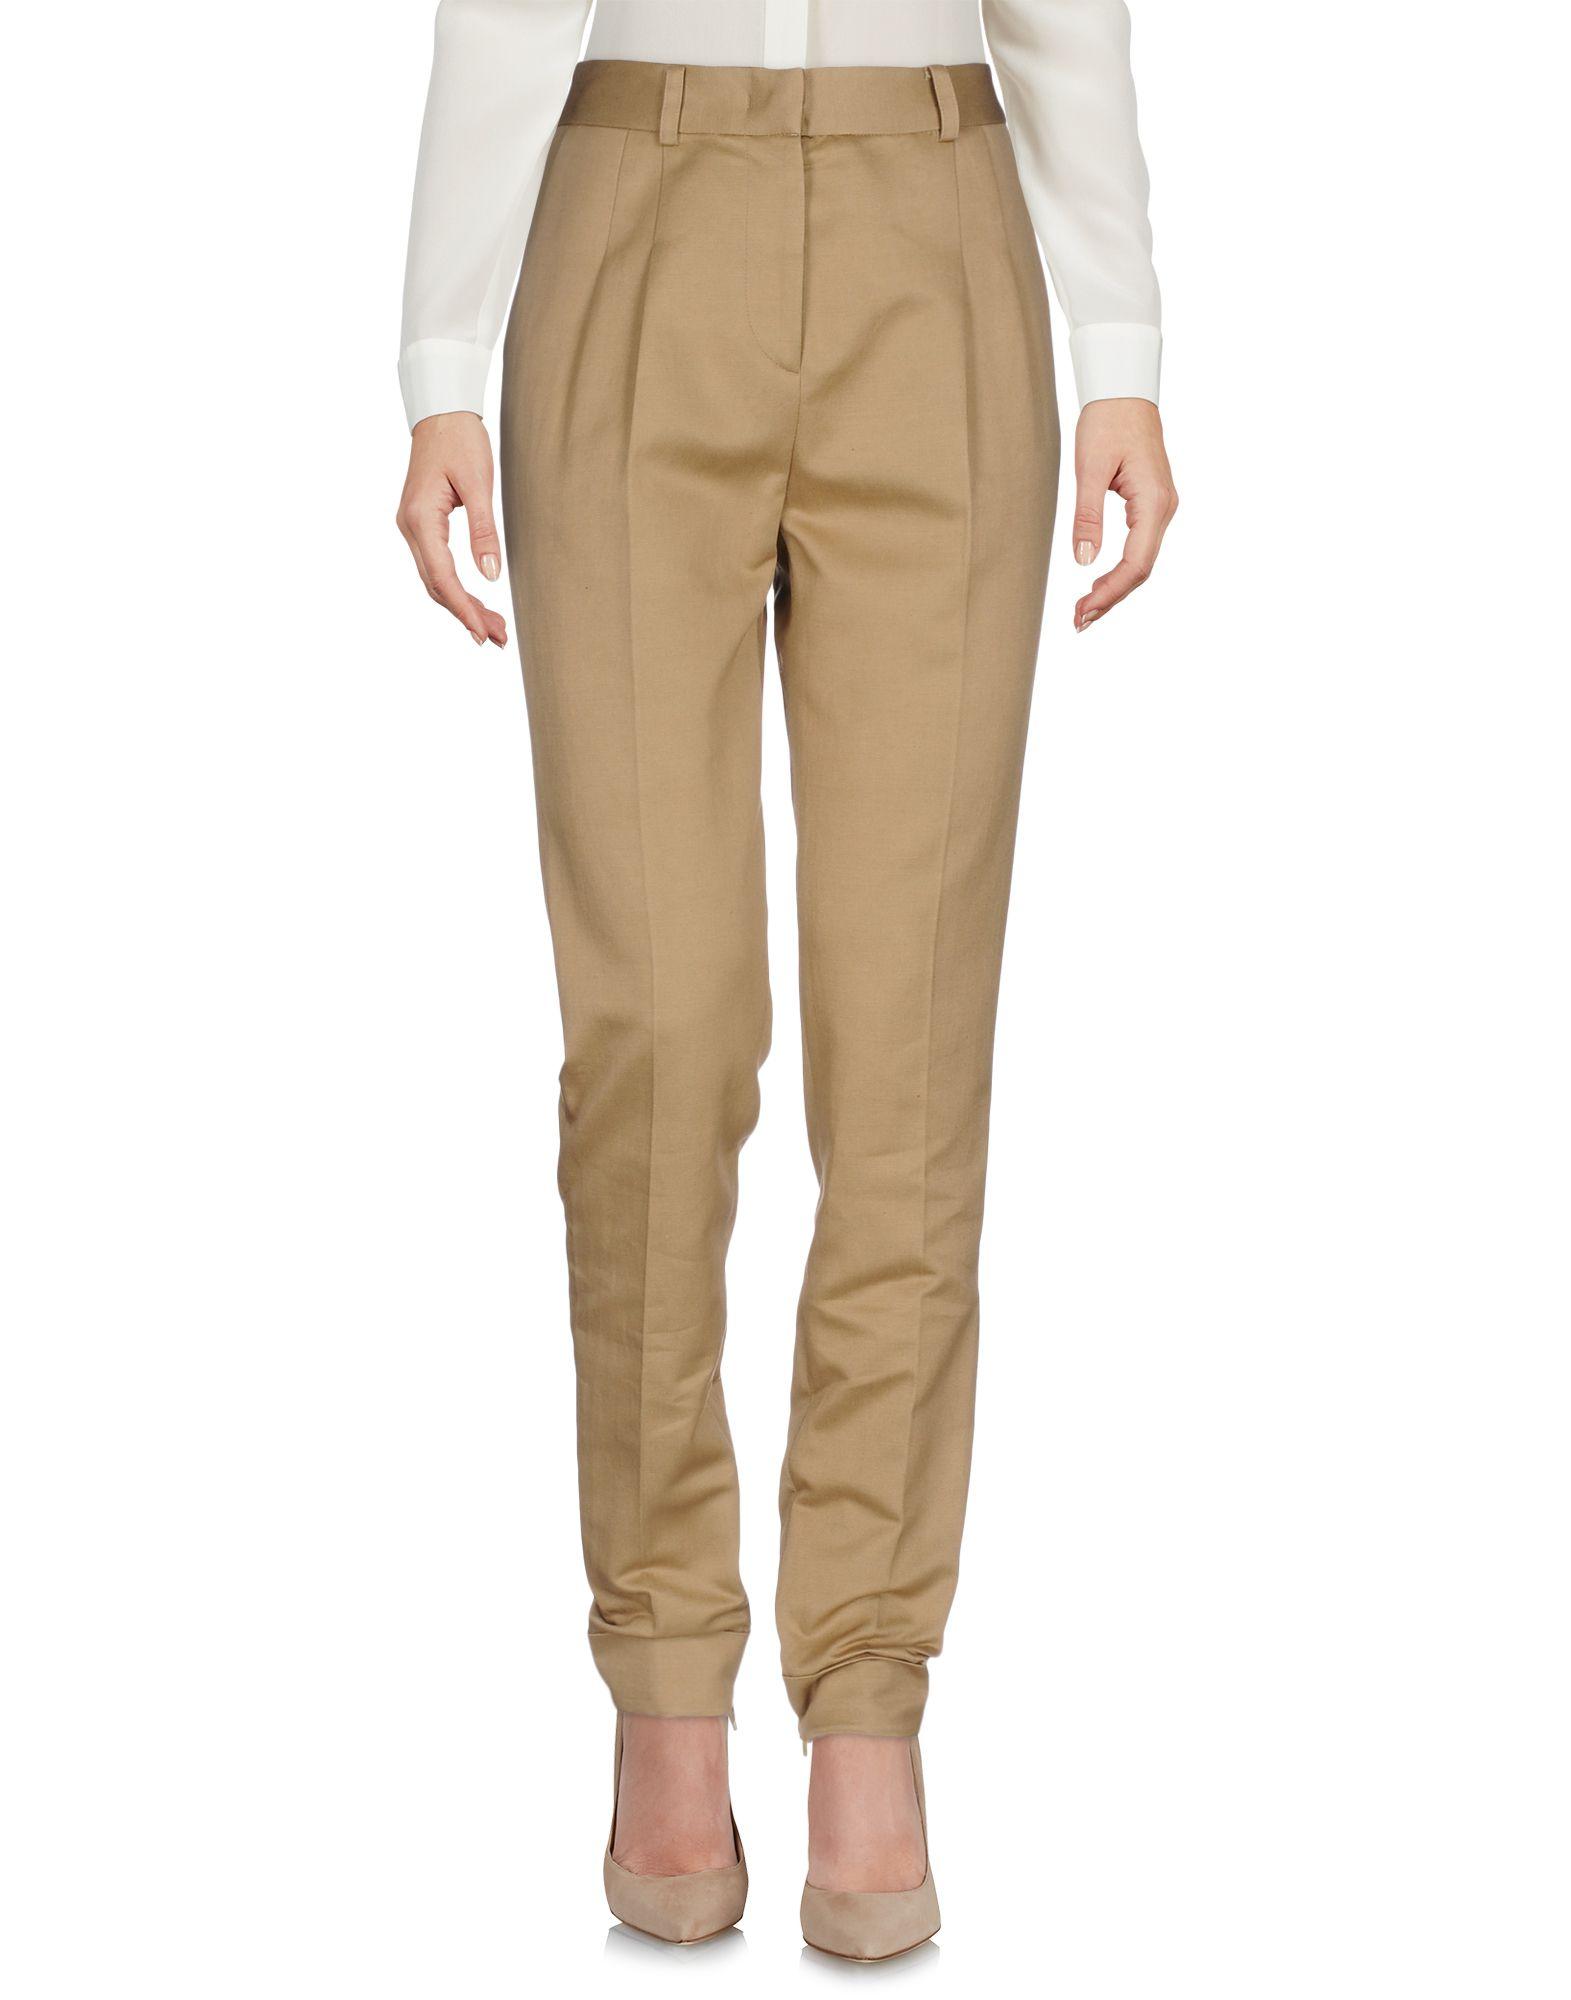 Pantalone Alberta Ferretti damen - 13069491OR